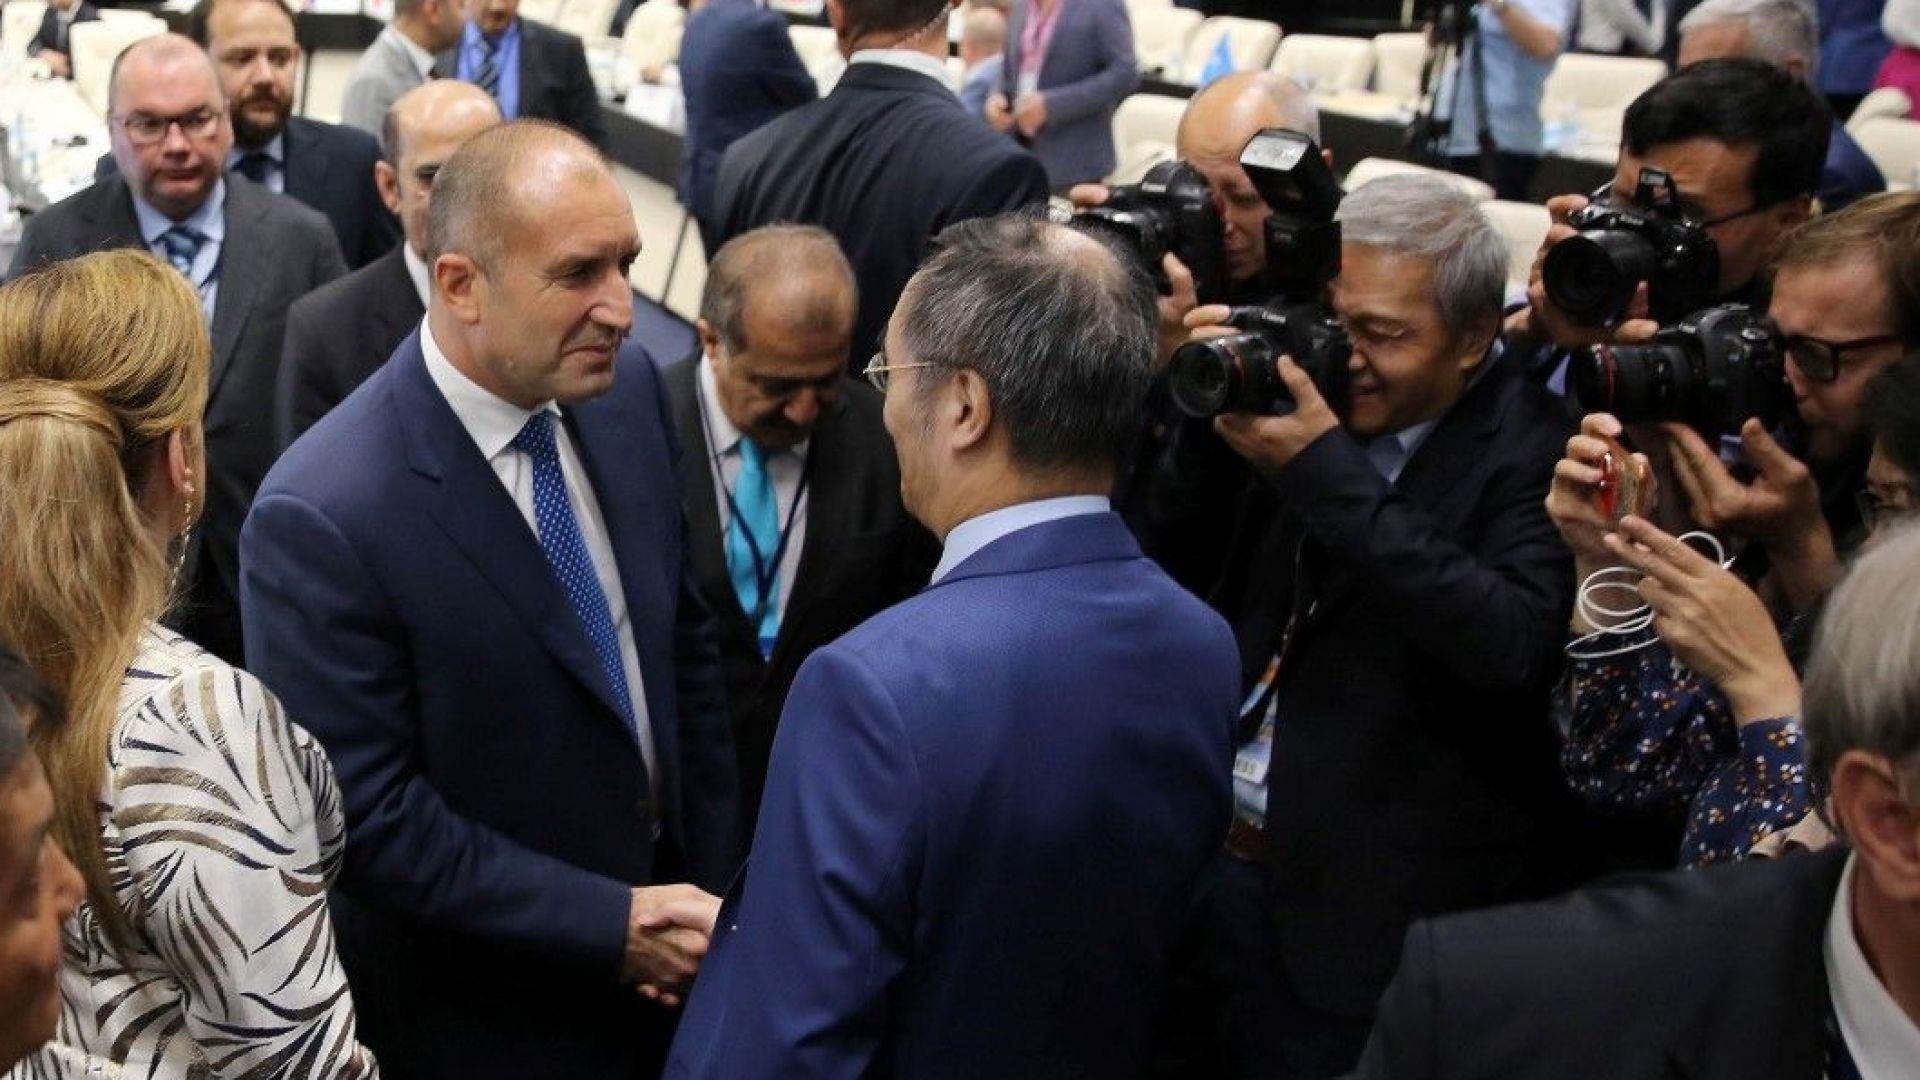 Румен Радев: Управляващите партии нямат нужда от субсидии, те се финансират от властта